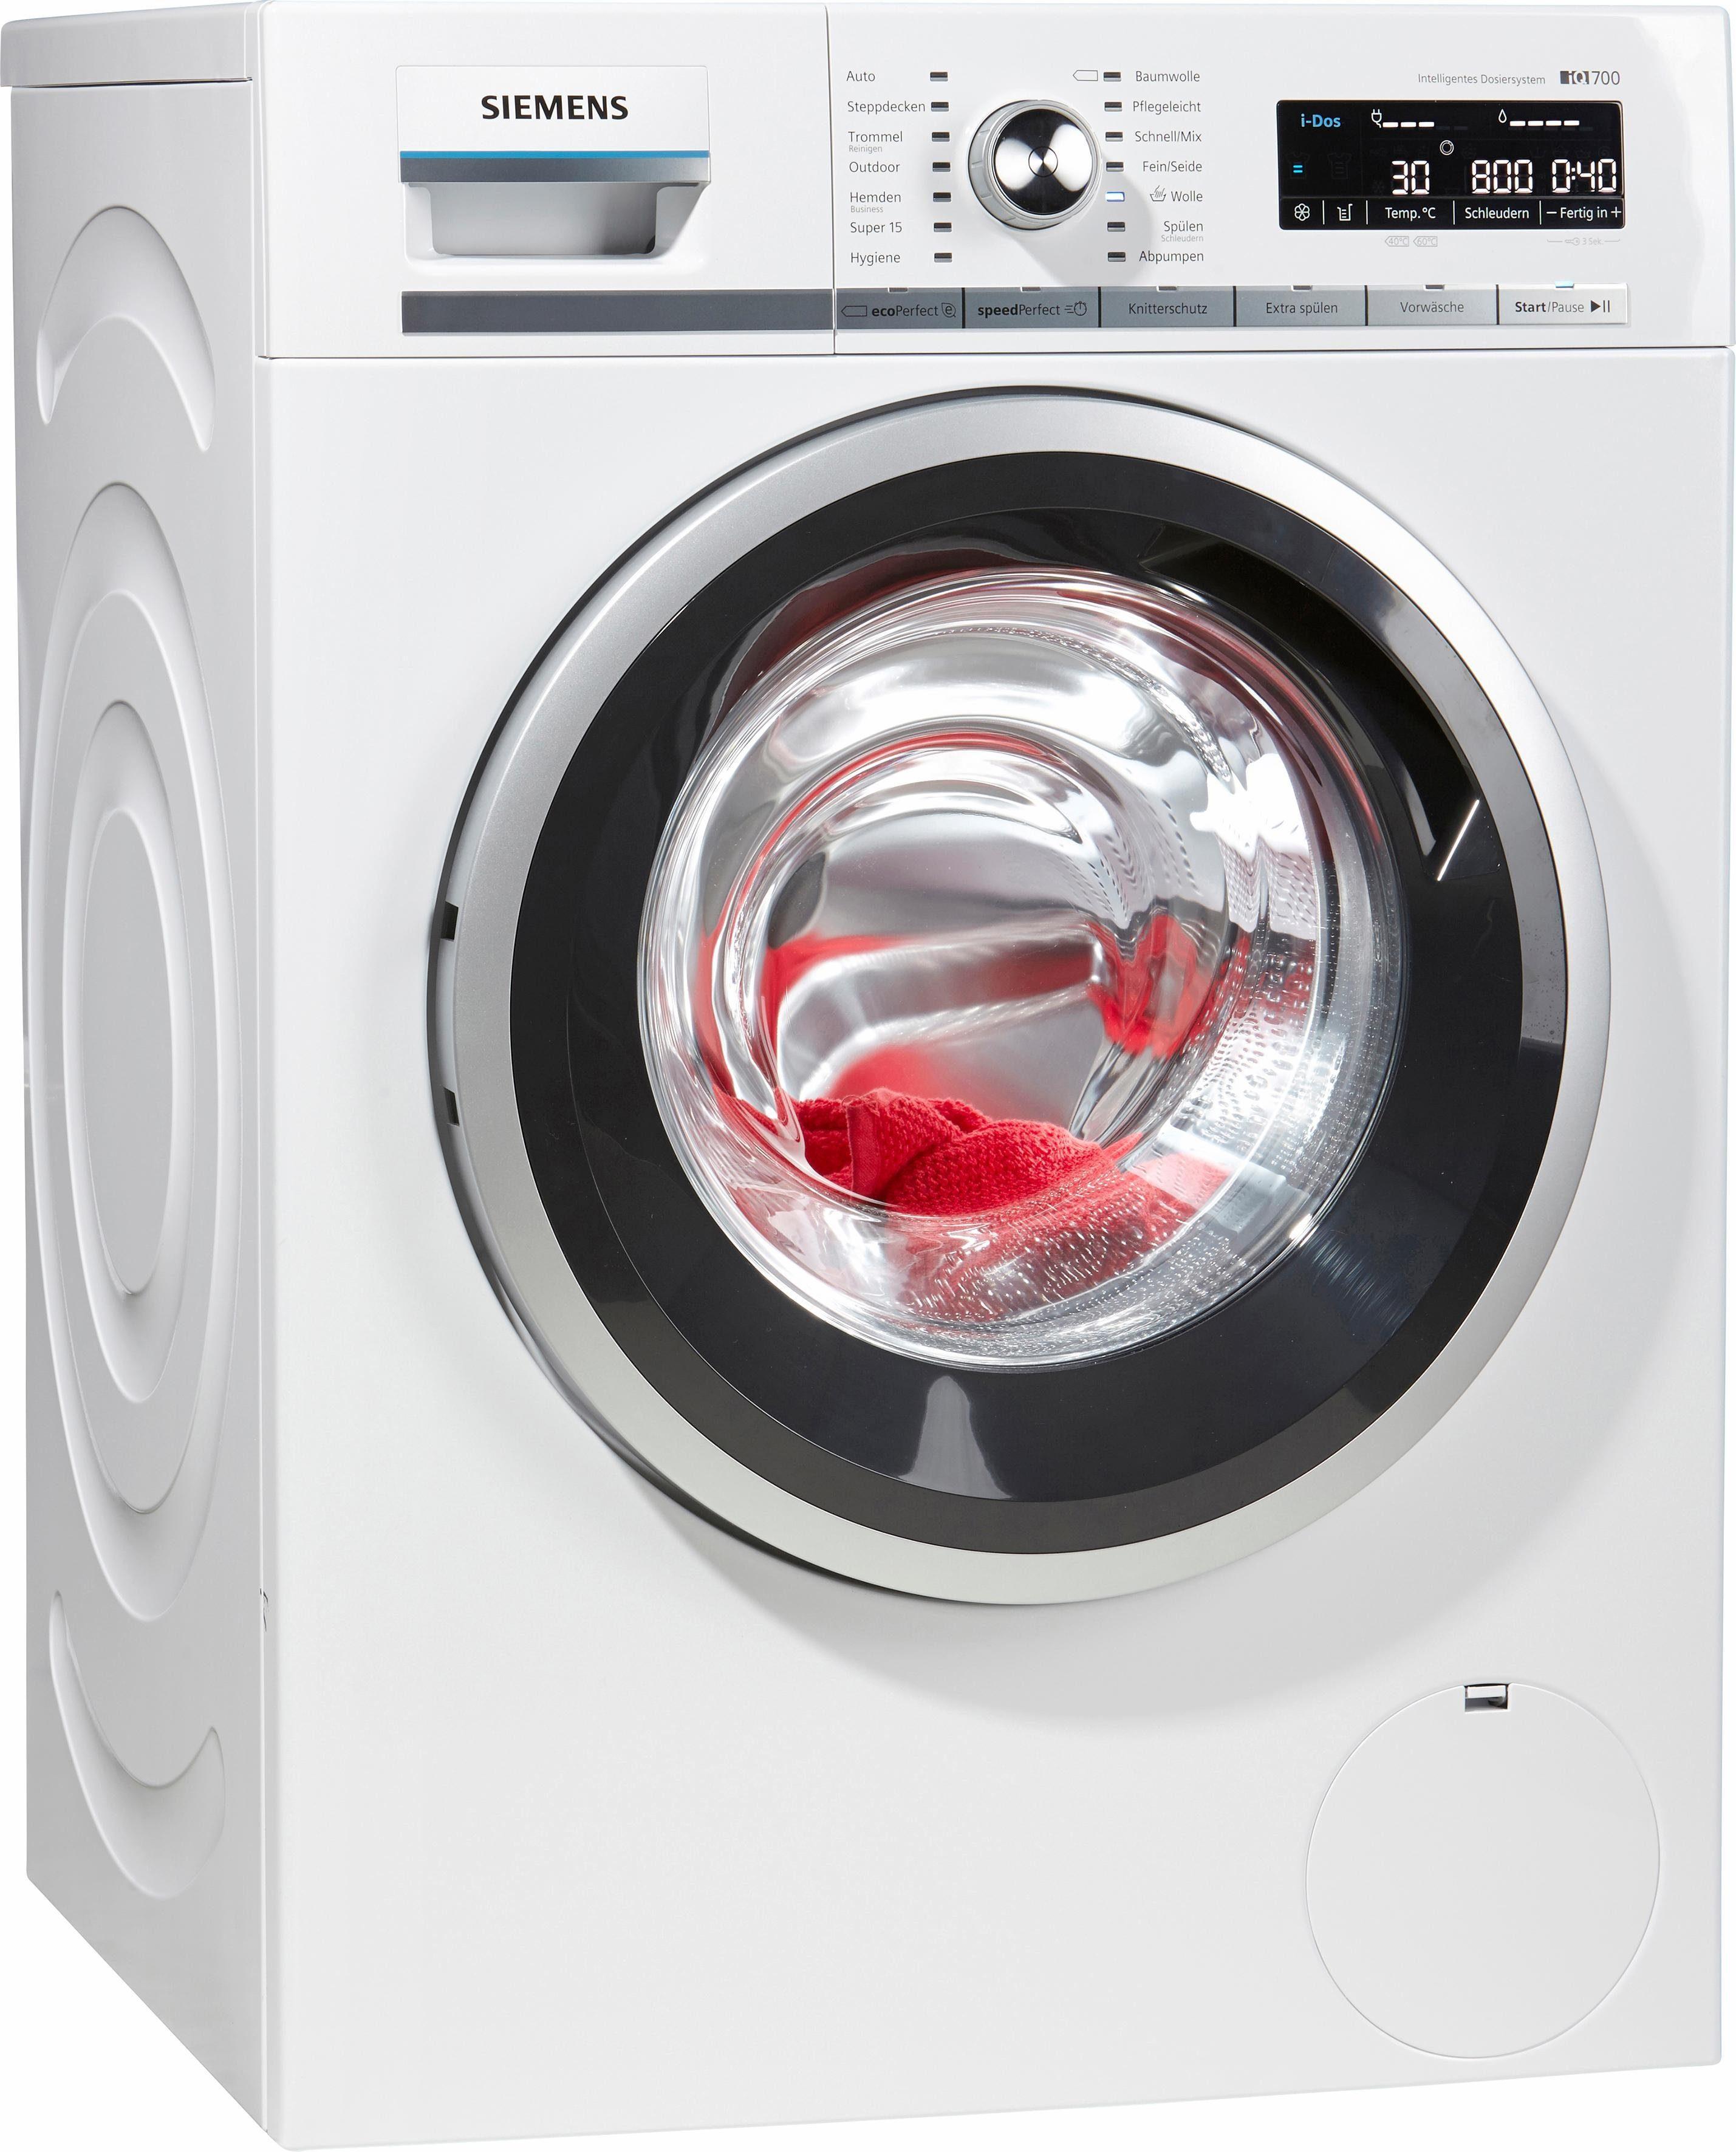 SIEMENS Waschmaschine iQ700 WM14W6ECO i-Dos, 8 kg, 1400 U/Min